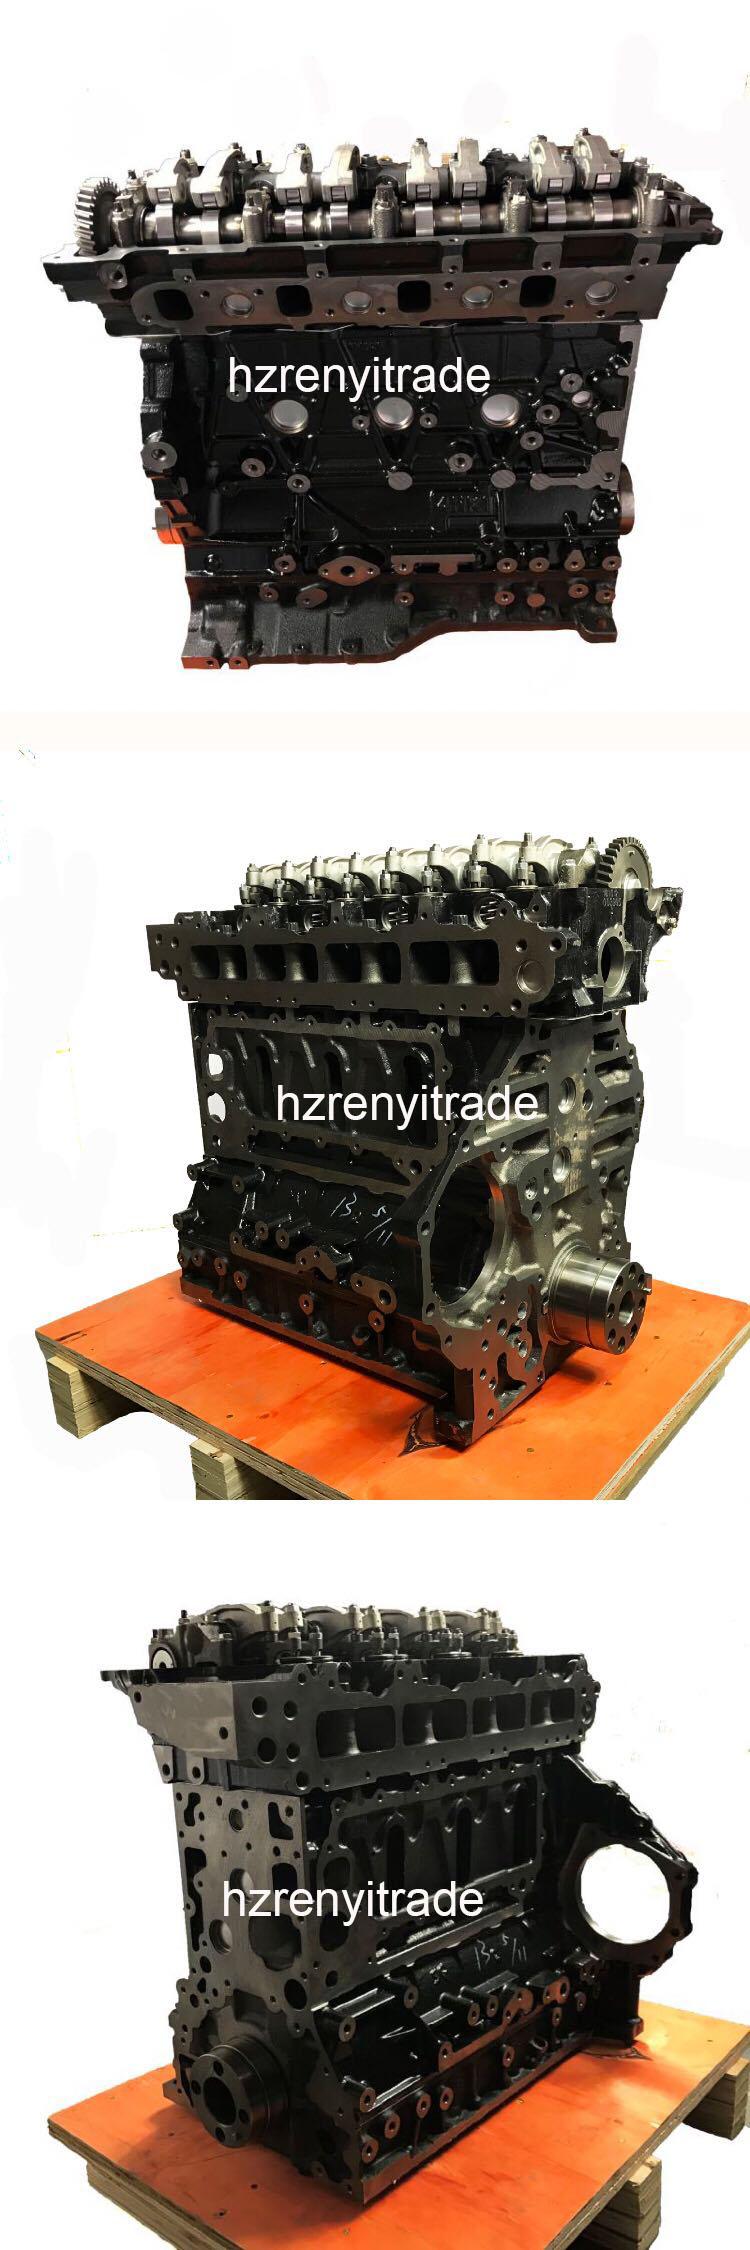 ZAX 240-3 ショベル自動車エンジン 4HK1 エンジン掘削機のシリンダーロングブロック assy 8982069651 8-98206965 -1